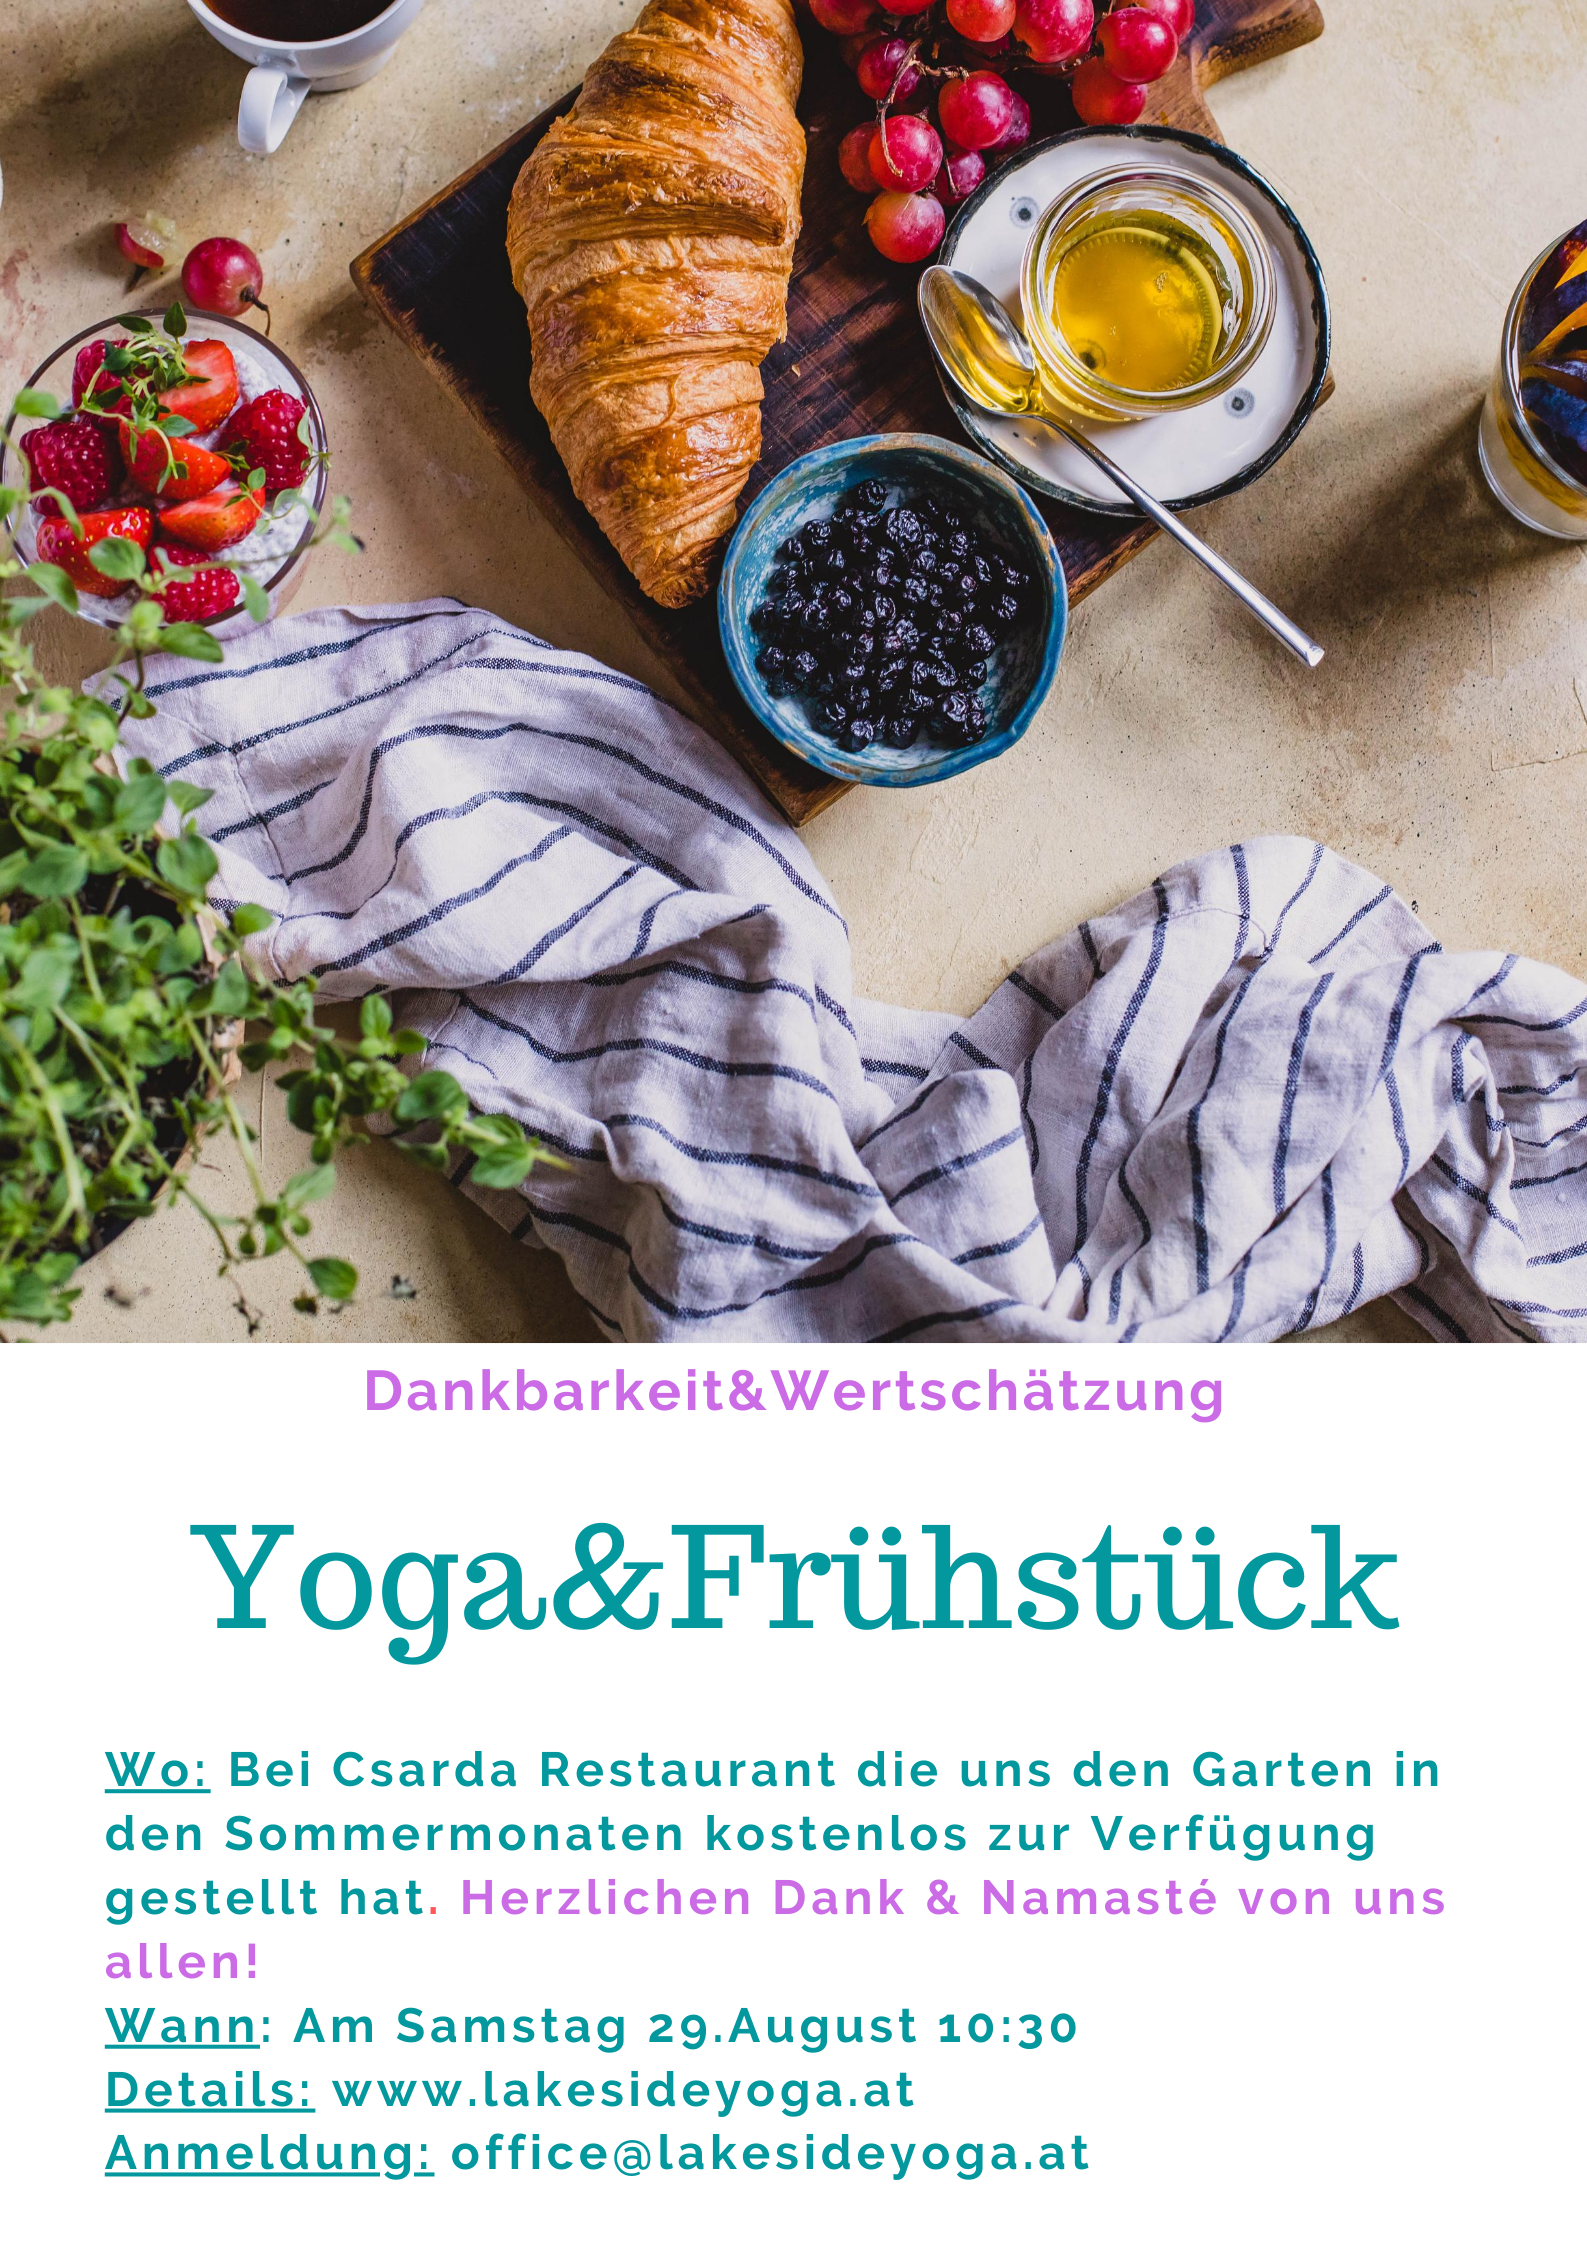 Yoga&Frühstück 29. August 10h30